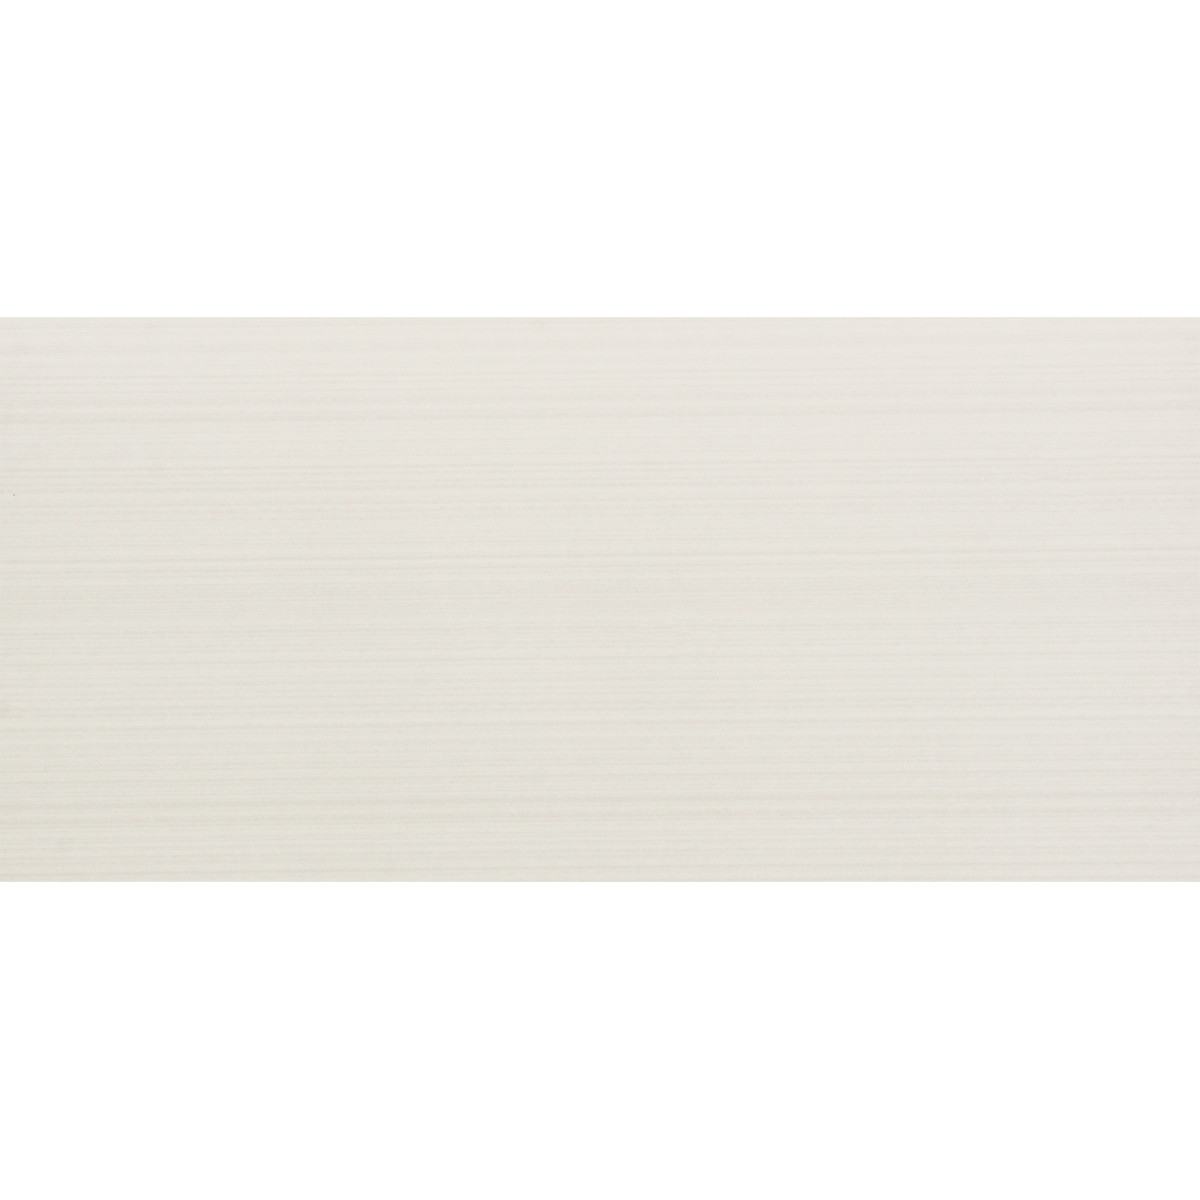 Плитка настенная День 25x50 см 1.375 м2 цвет белый